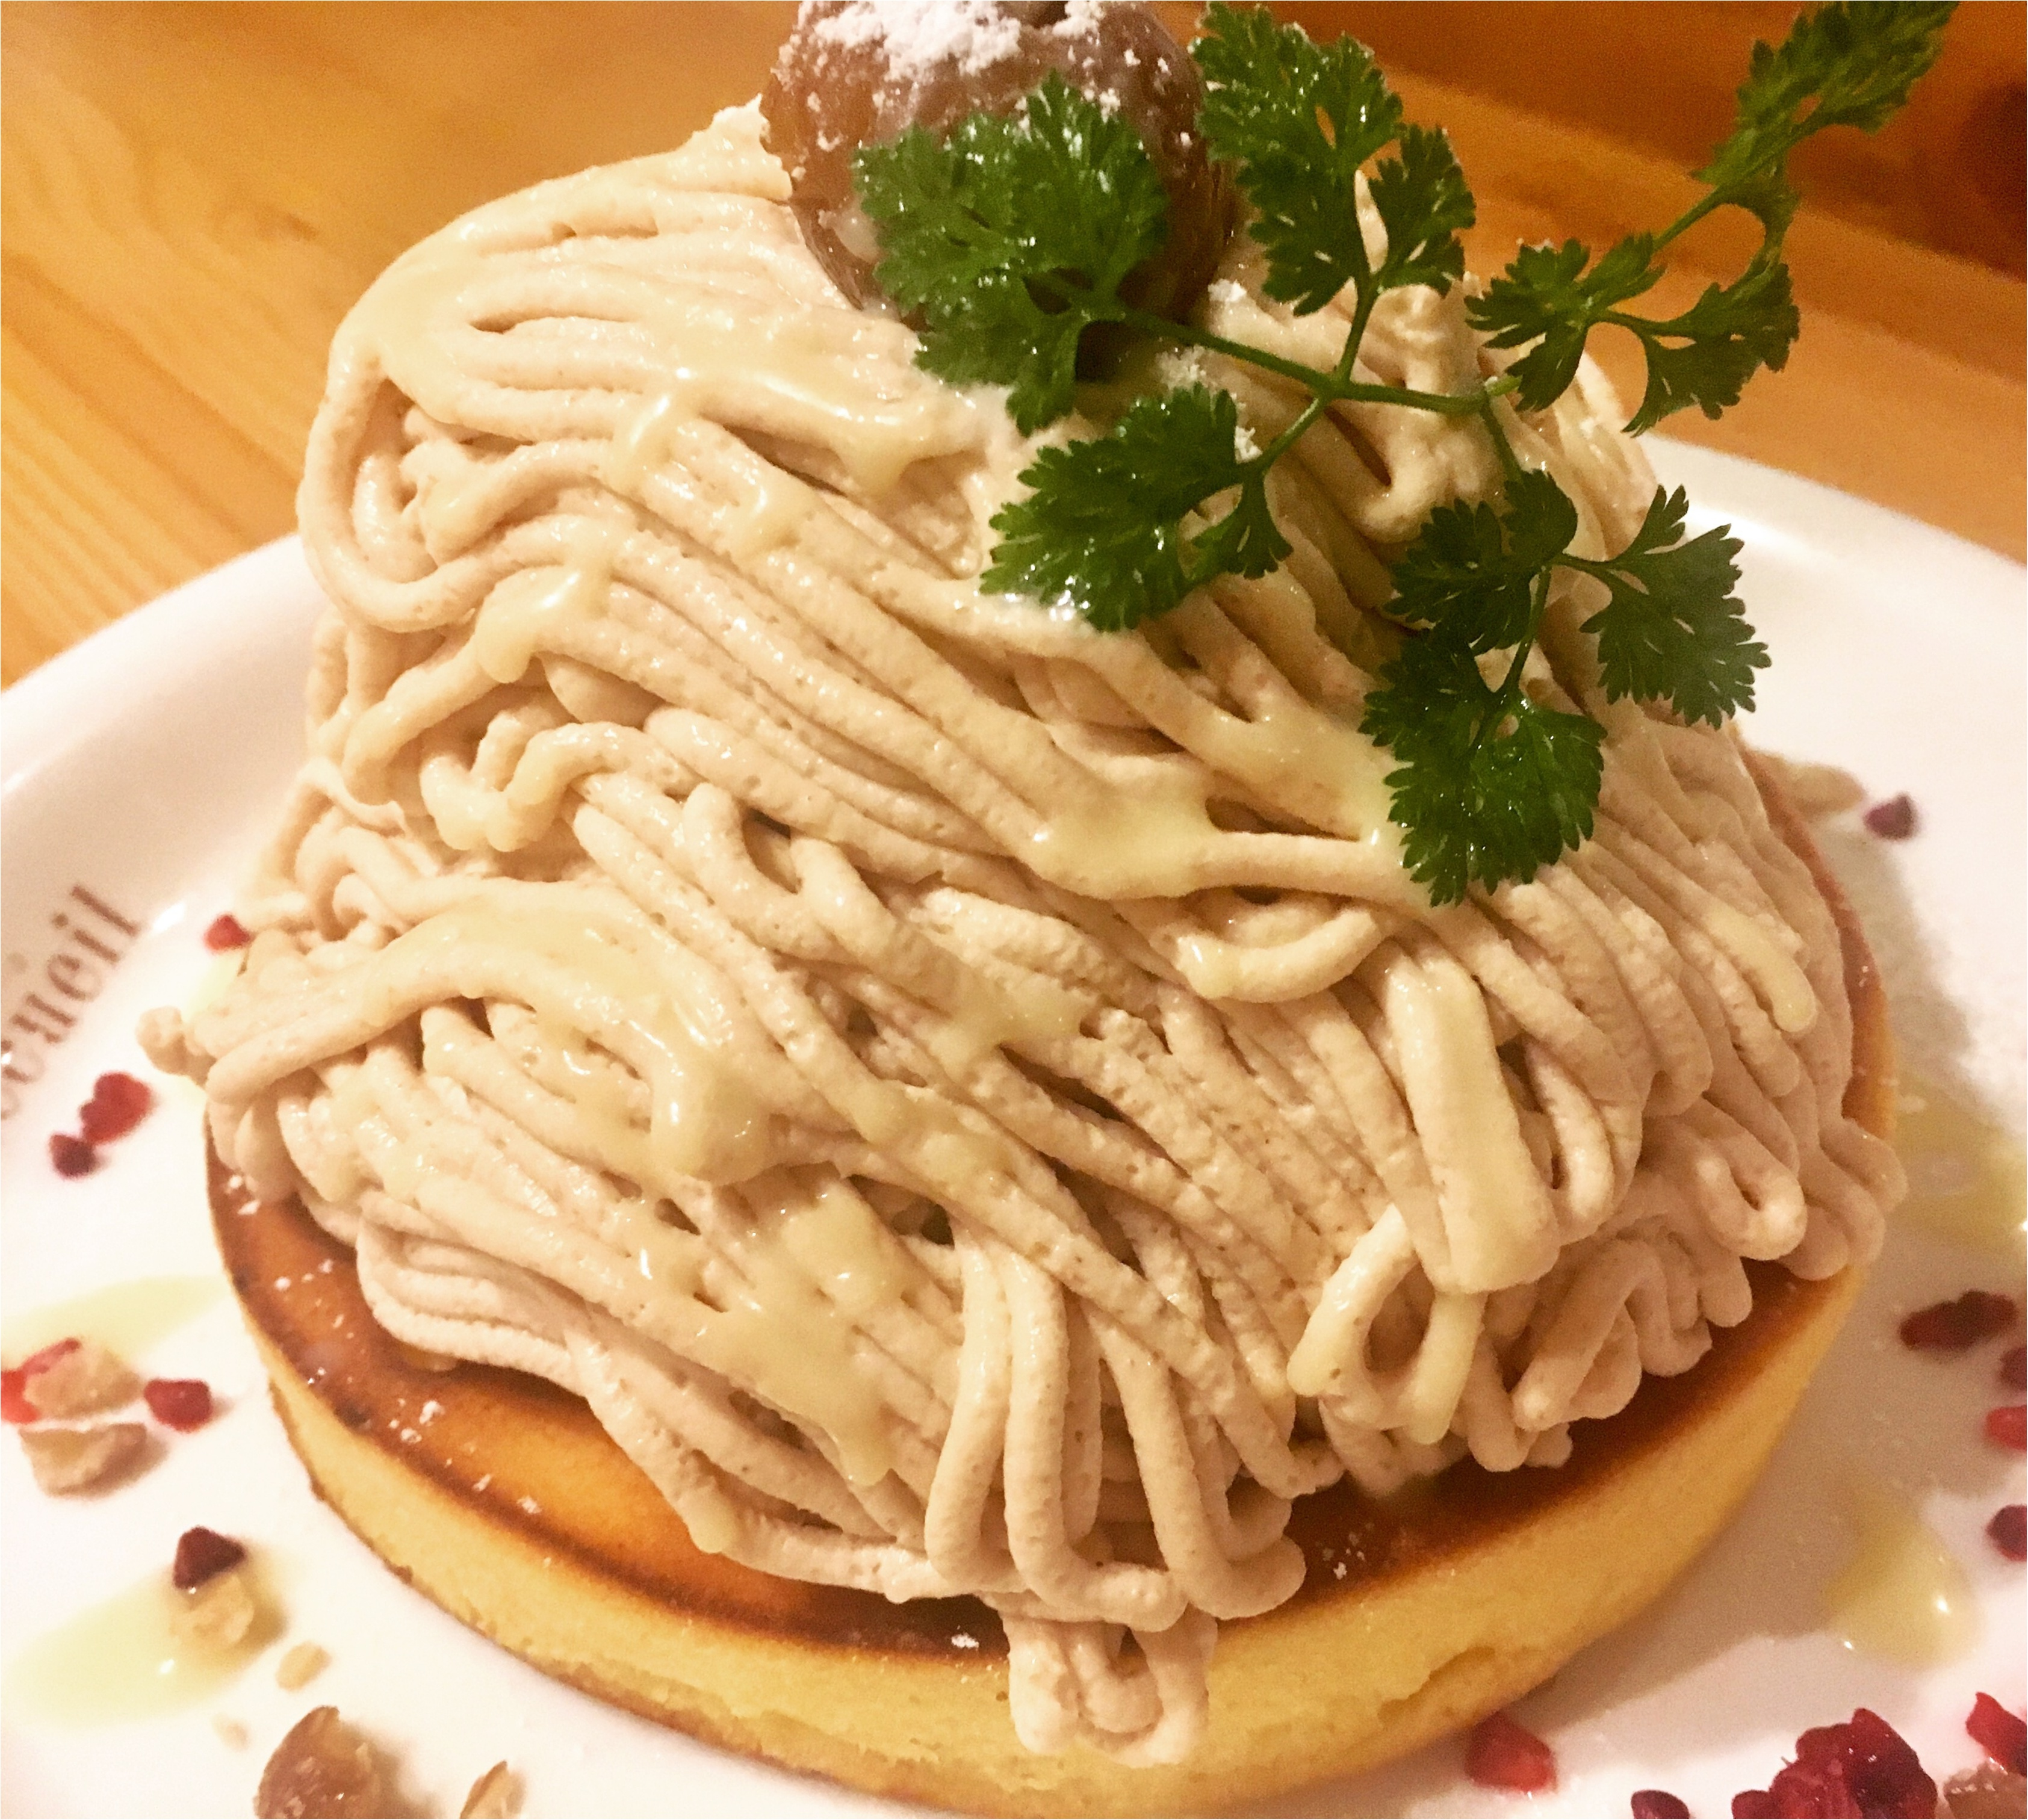 モリモリパンケーキをたらふく食べるならココ!私が大学時代から通う名店。_2